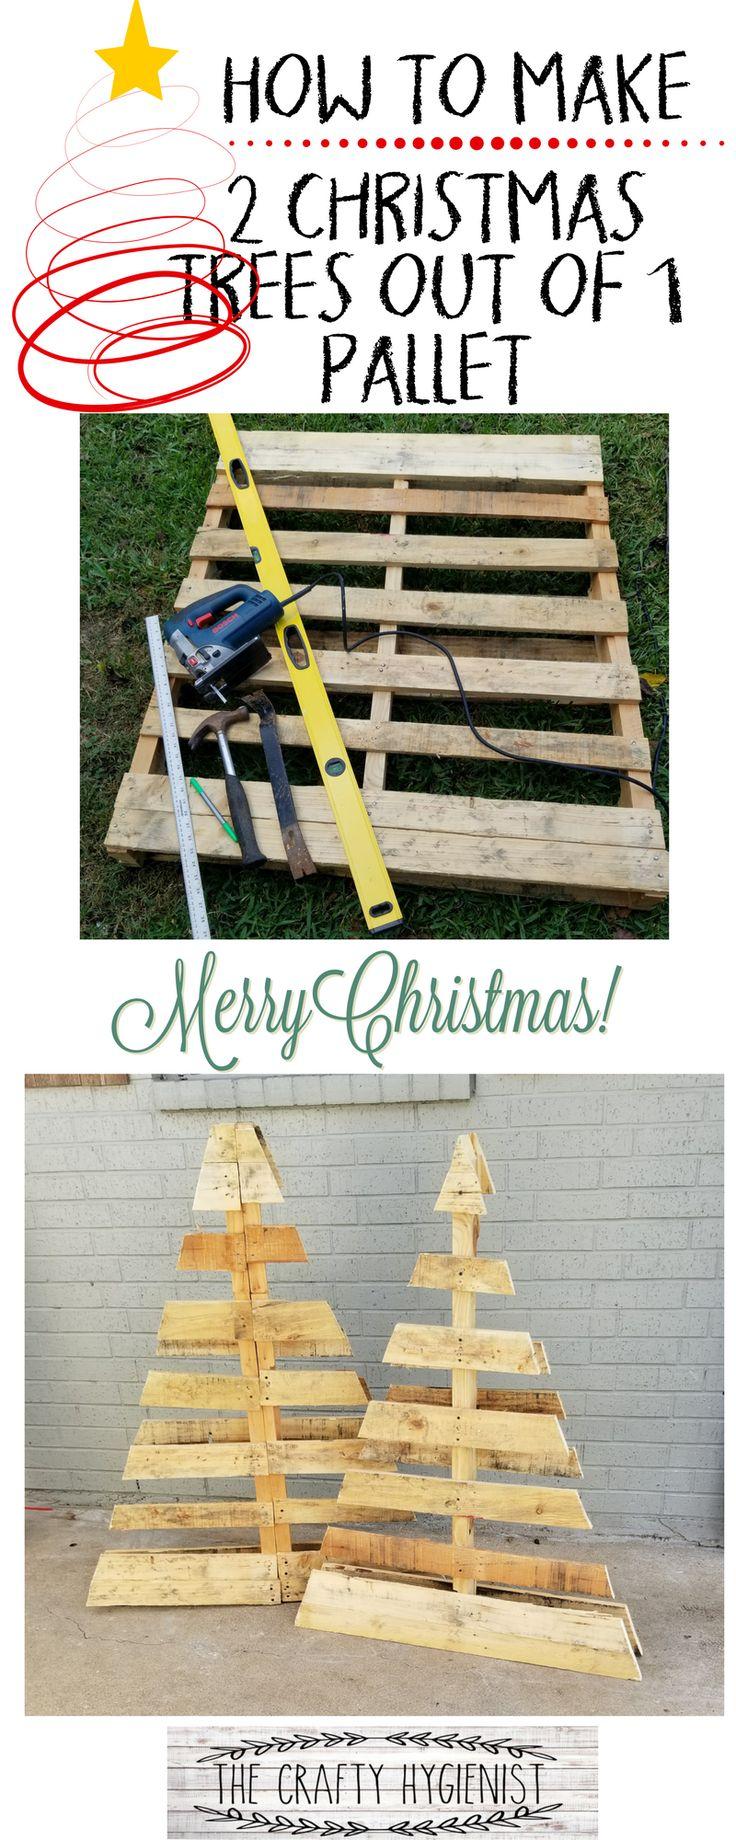 pallet trees christmas | pallet trees | pallet trees christmas diy | pallet trees christmas front porches | pallet trees diy | Pallet trees | pallet trees | Pallet Trees |